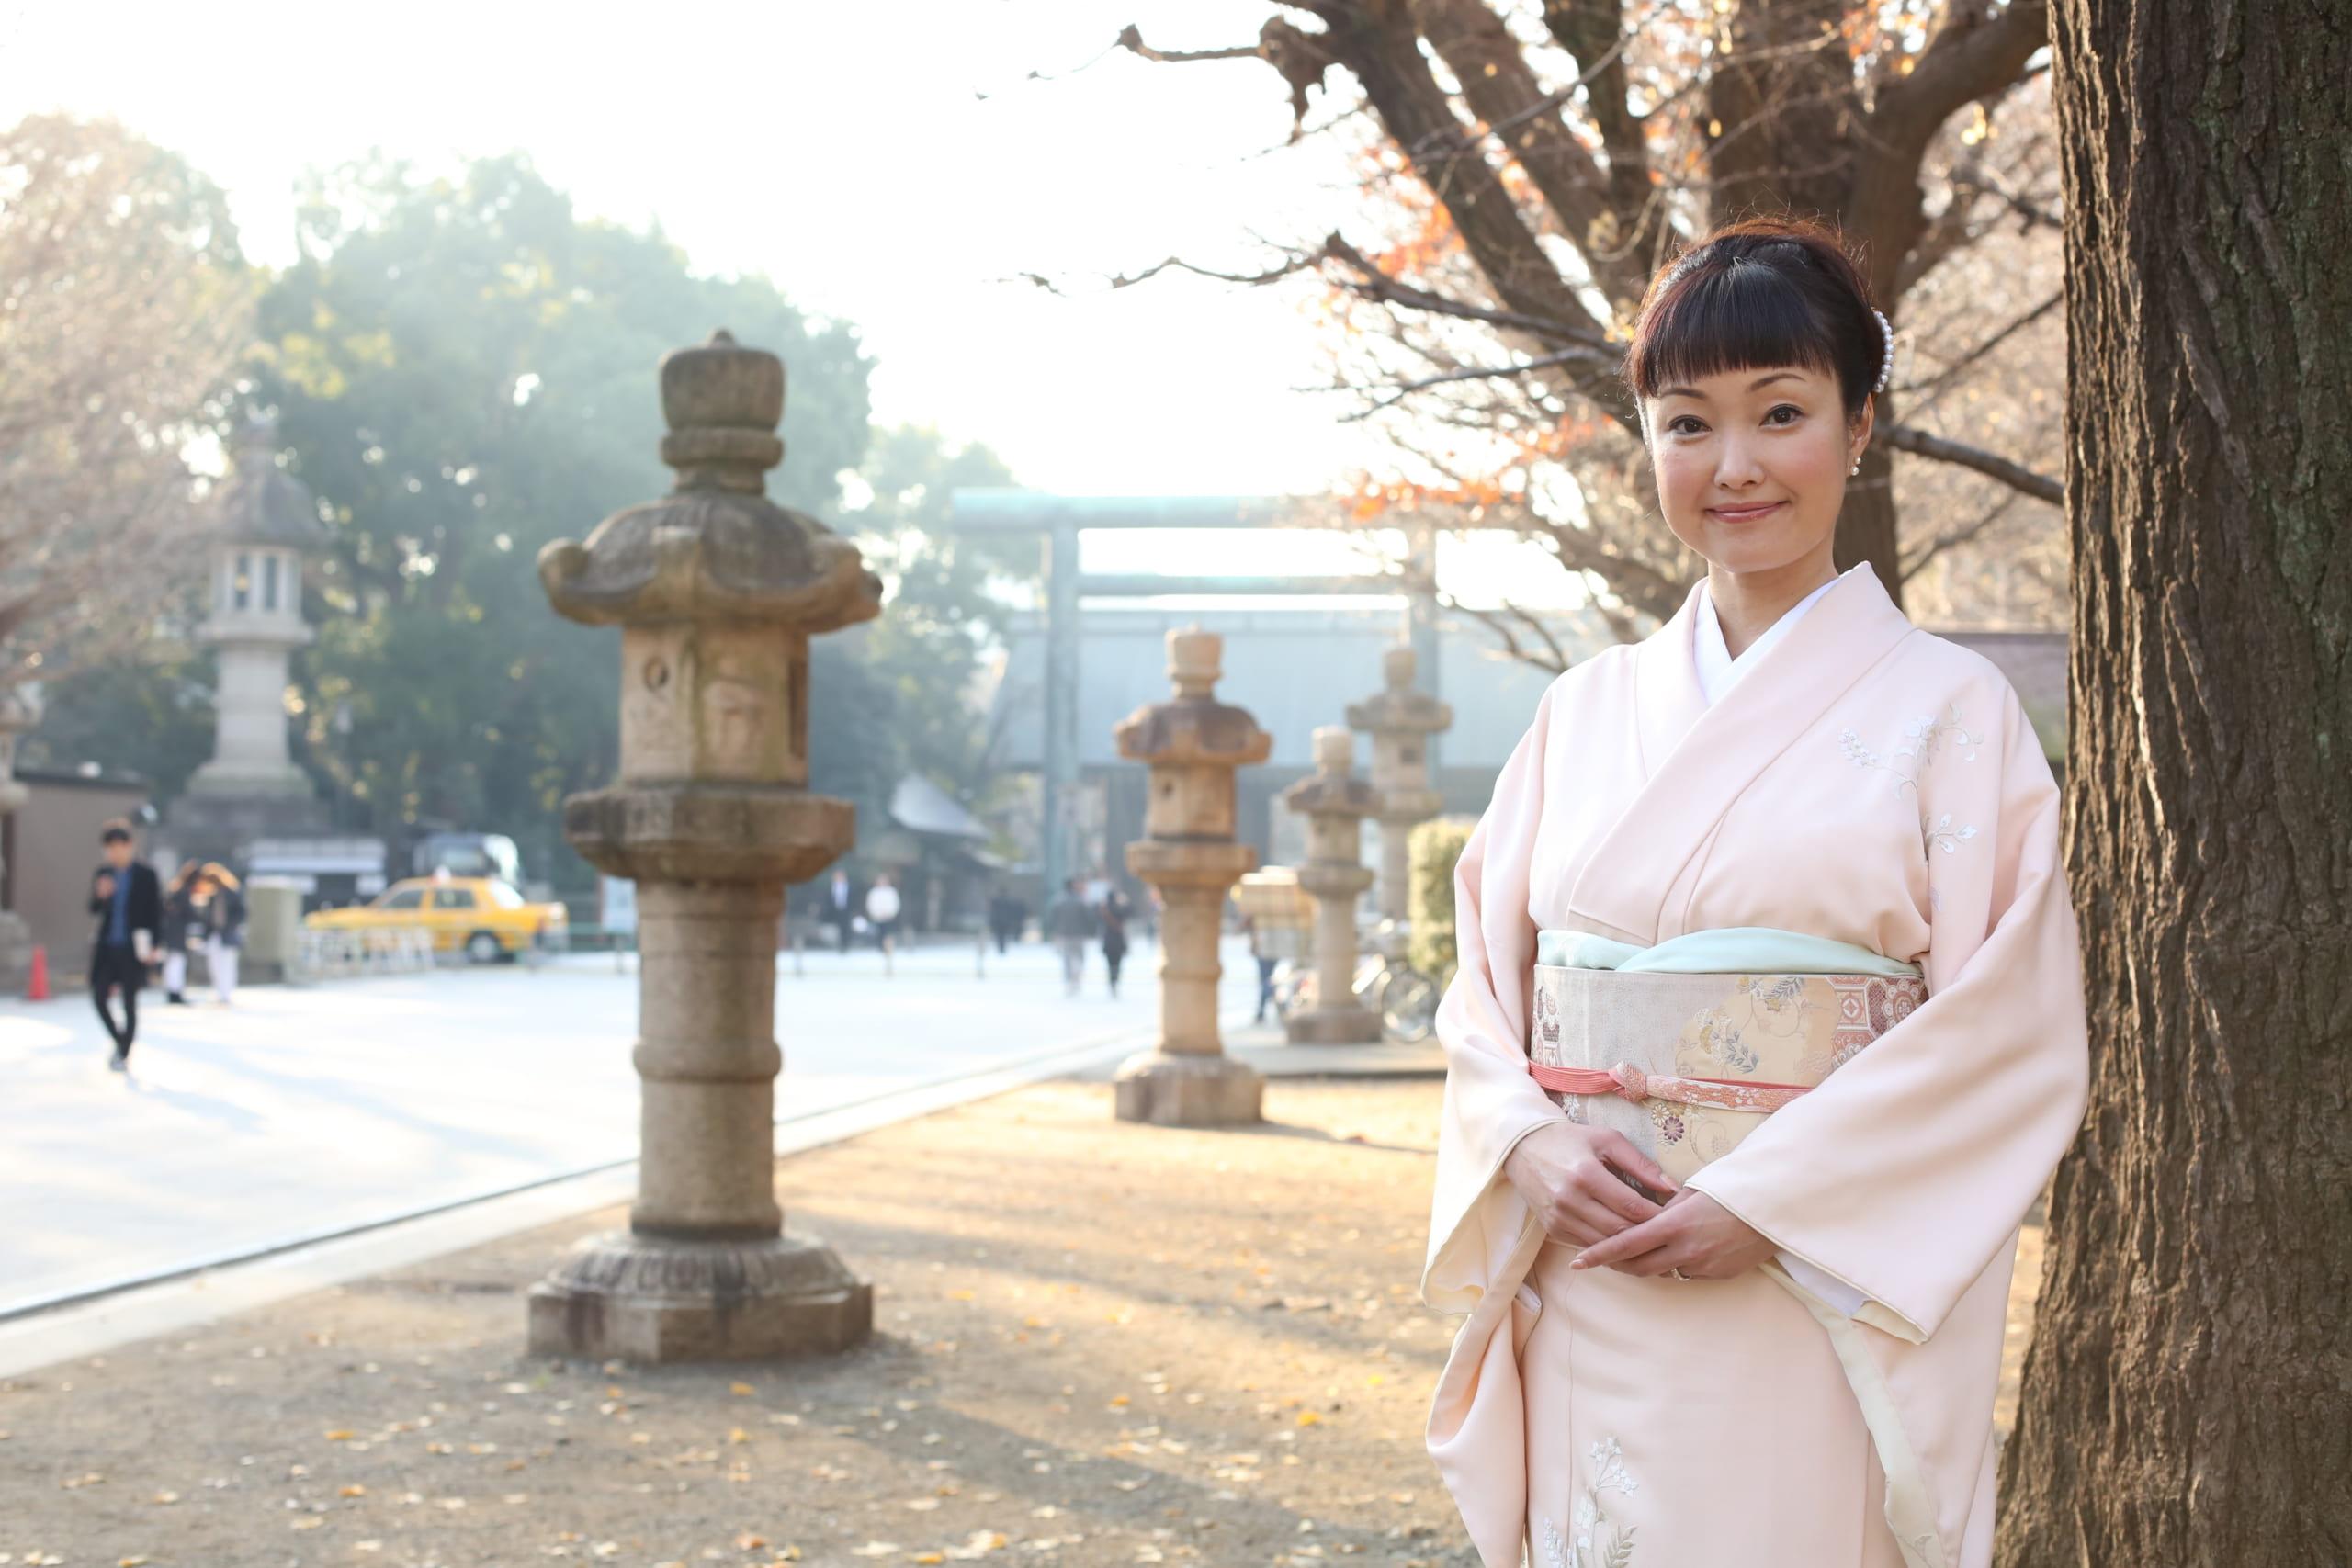 日本が世界一「本を読む」文化があるという幸運